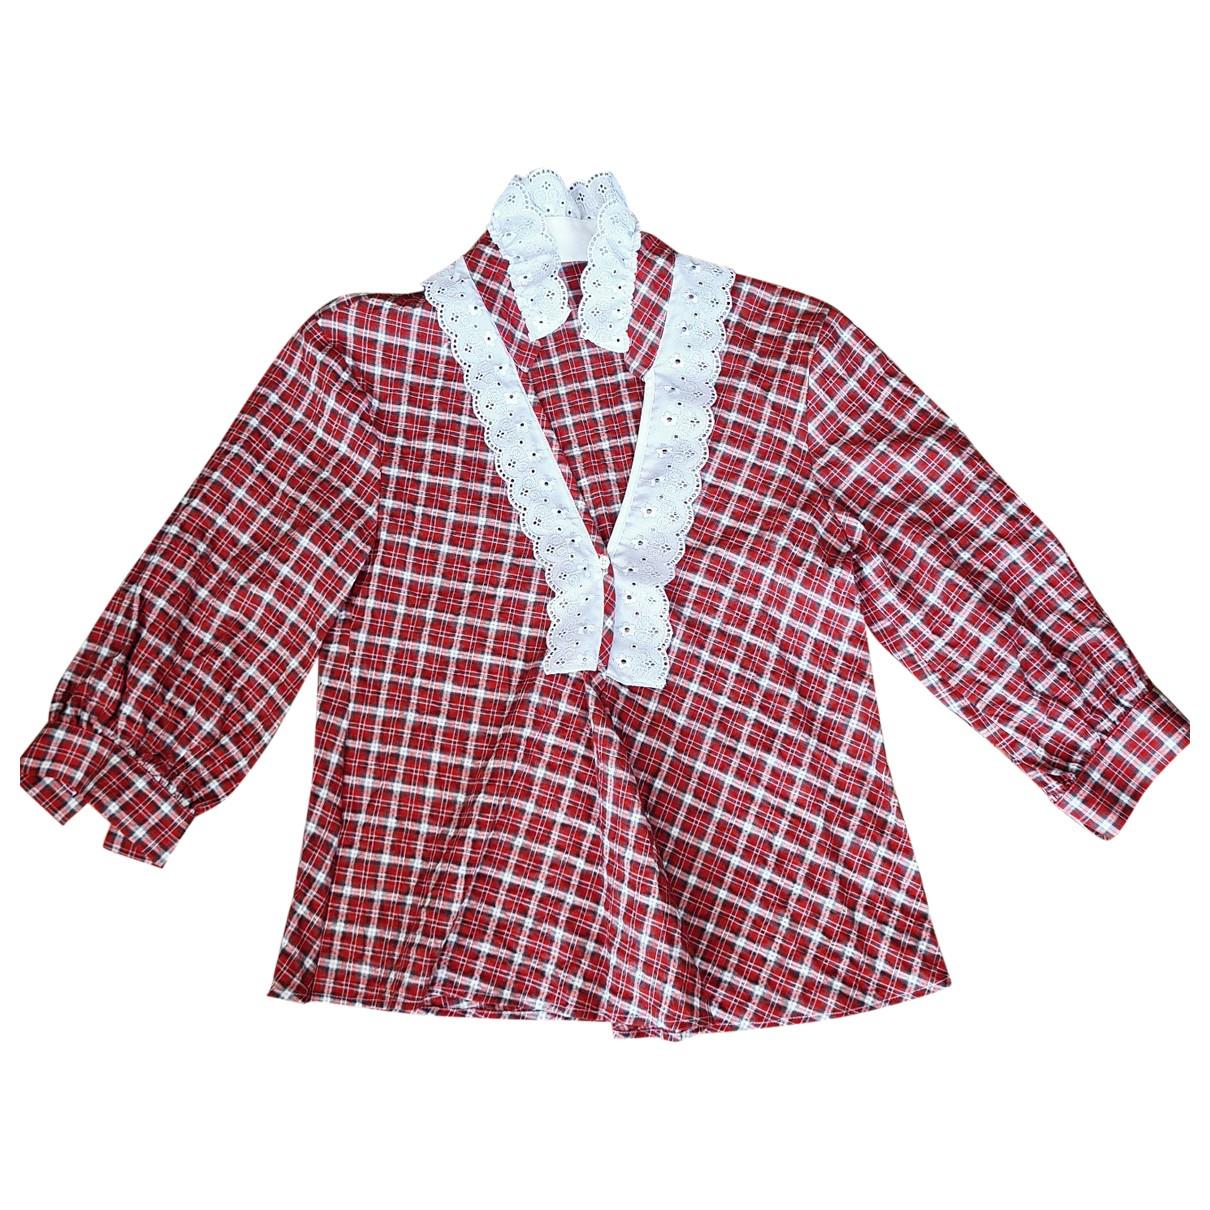 Sandro - Top Spring Summer 2019 pour femme en coton - rouge